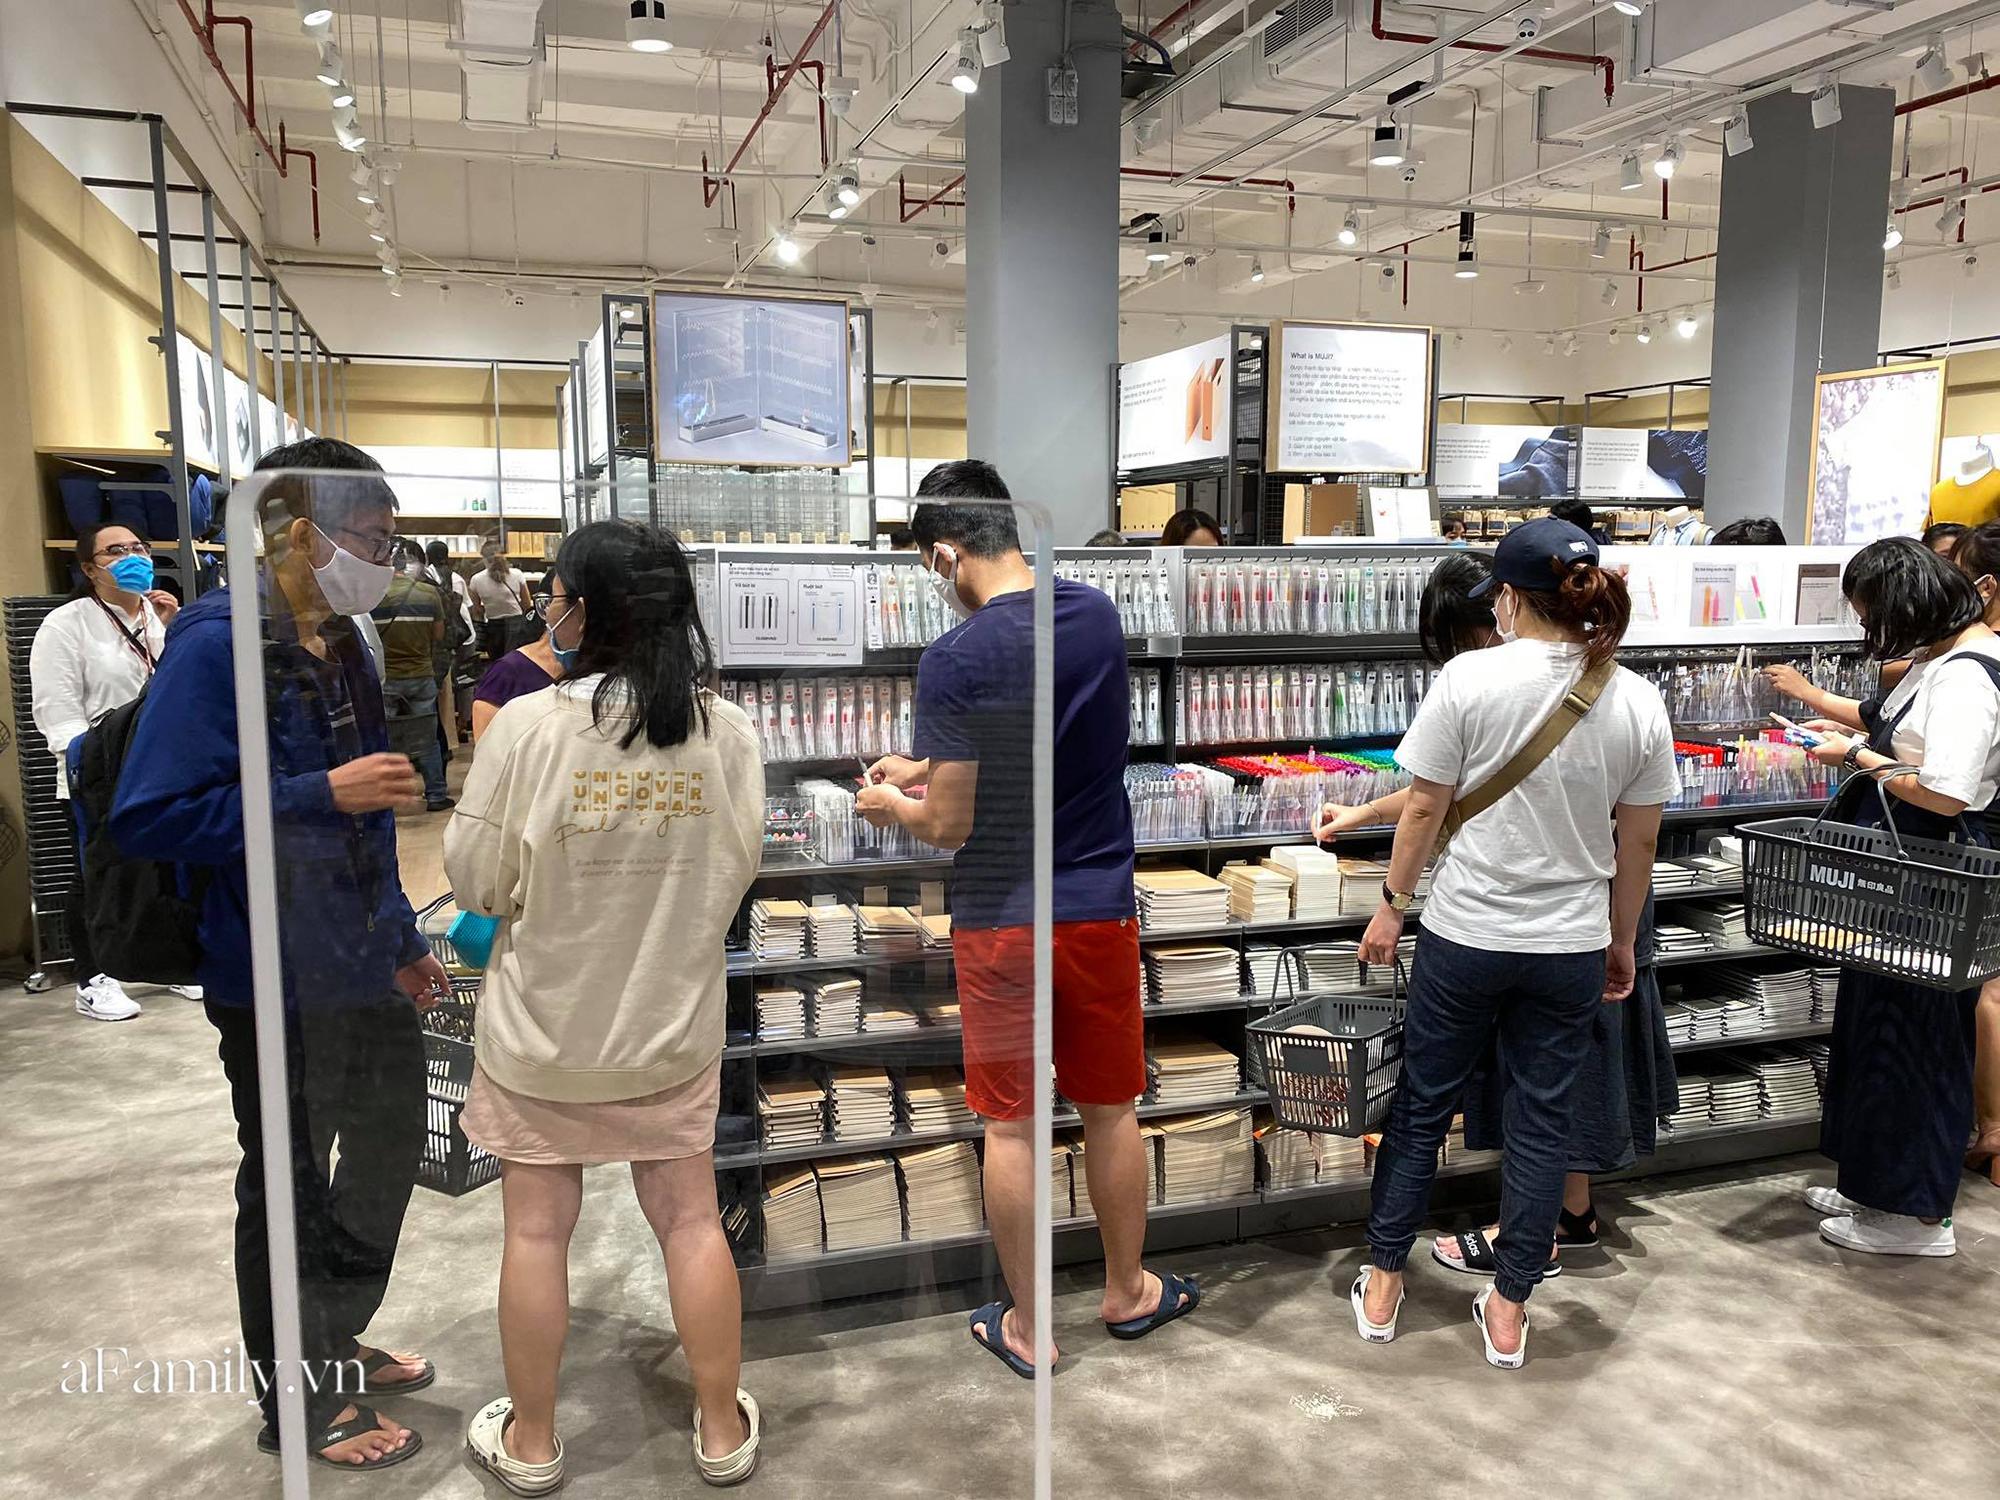 Ngày đón khách đầu tiên của MUJI tại Sài Gòn, không truyền thông rầm rộ nhưng dòng người xếp hàng dài cách nhau 2m vẫn nối đuôi như vô tận -11